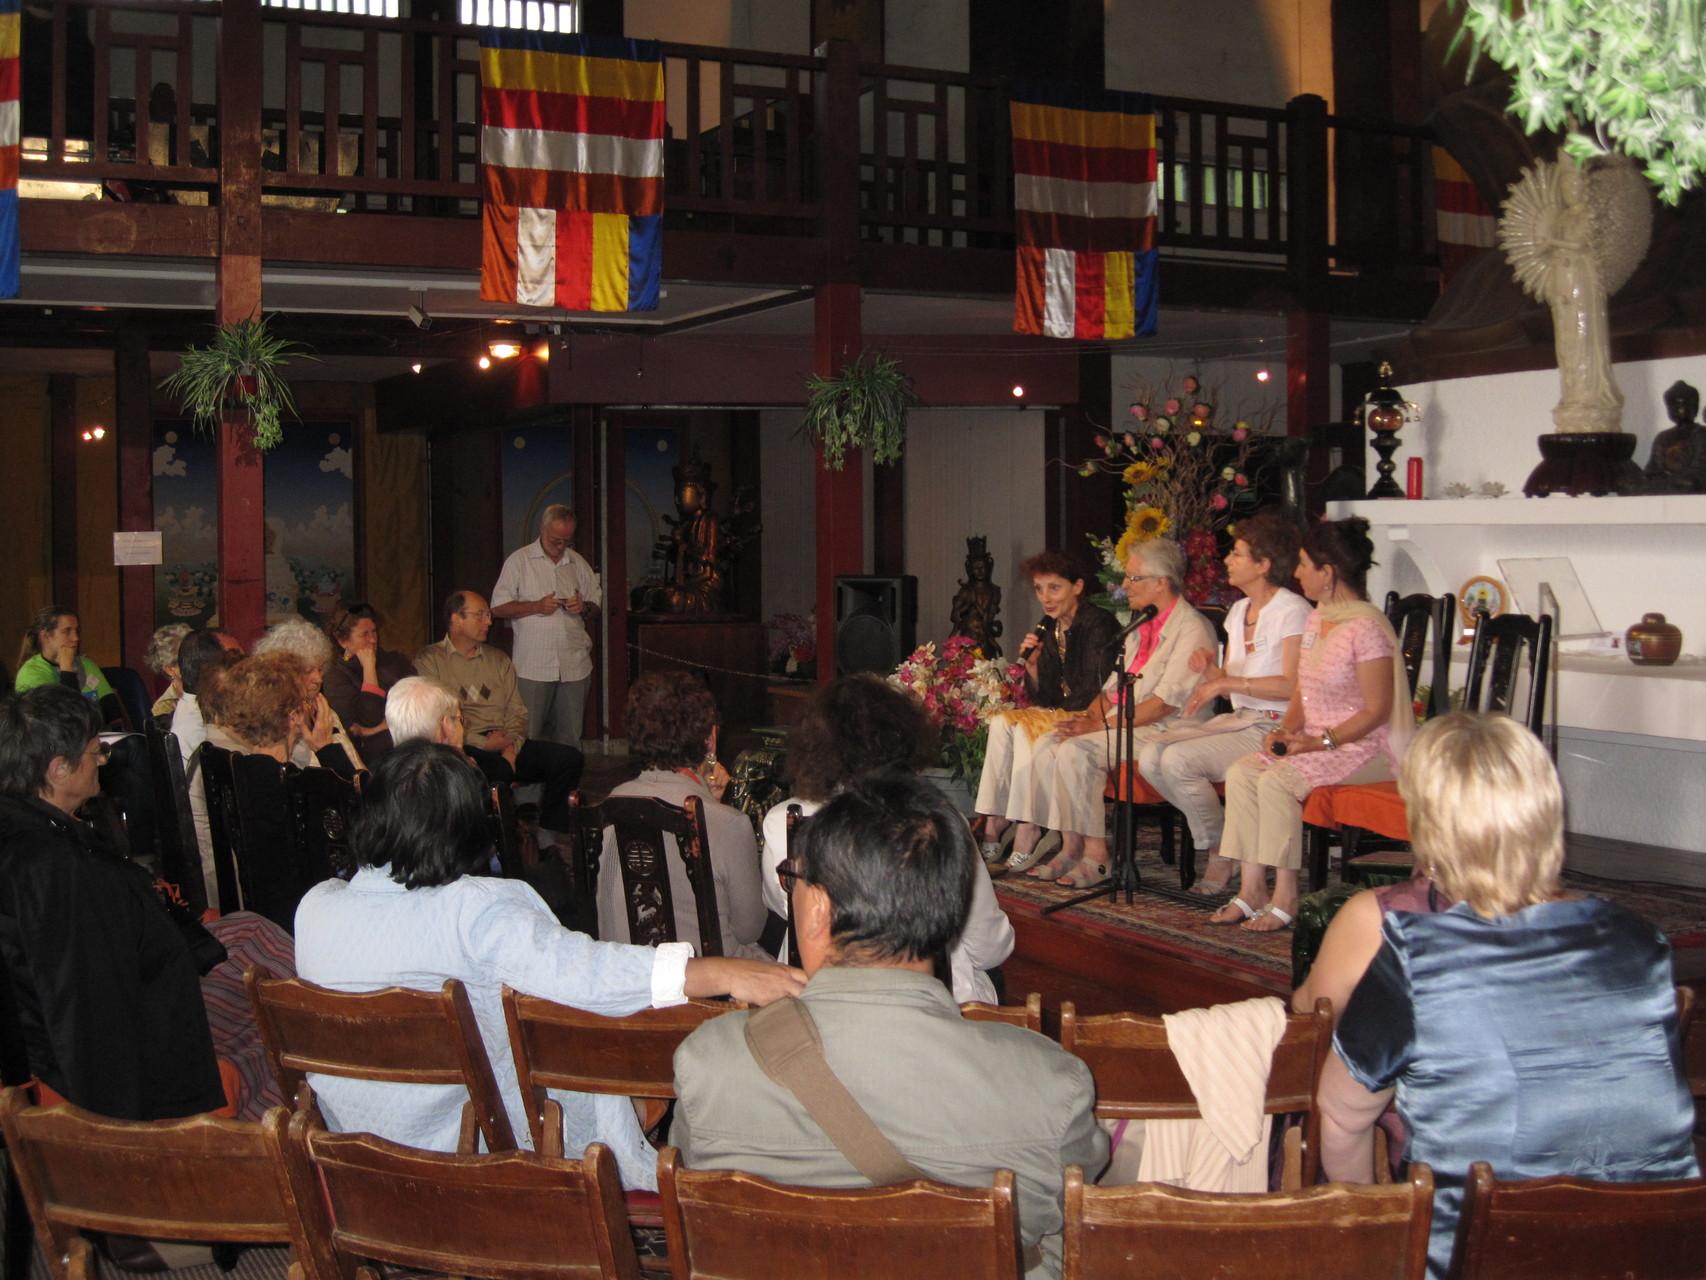 2012 - Echange, débat, et témoignages sur le voyage solidaire à l'intérieur de la Pagode